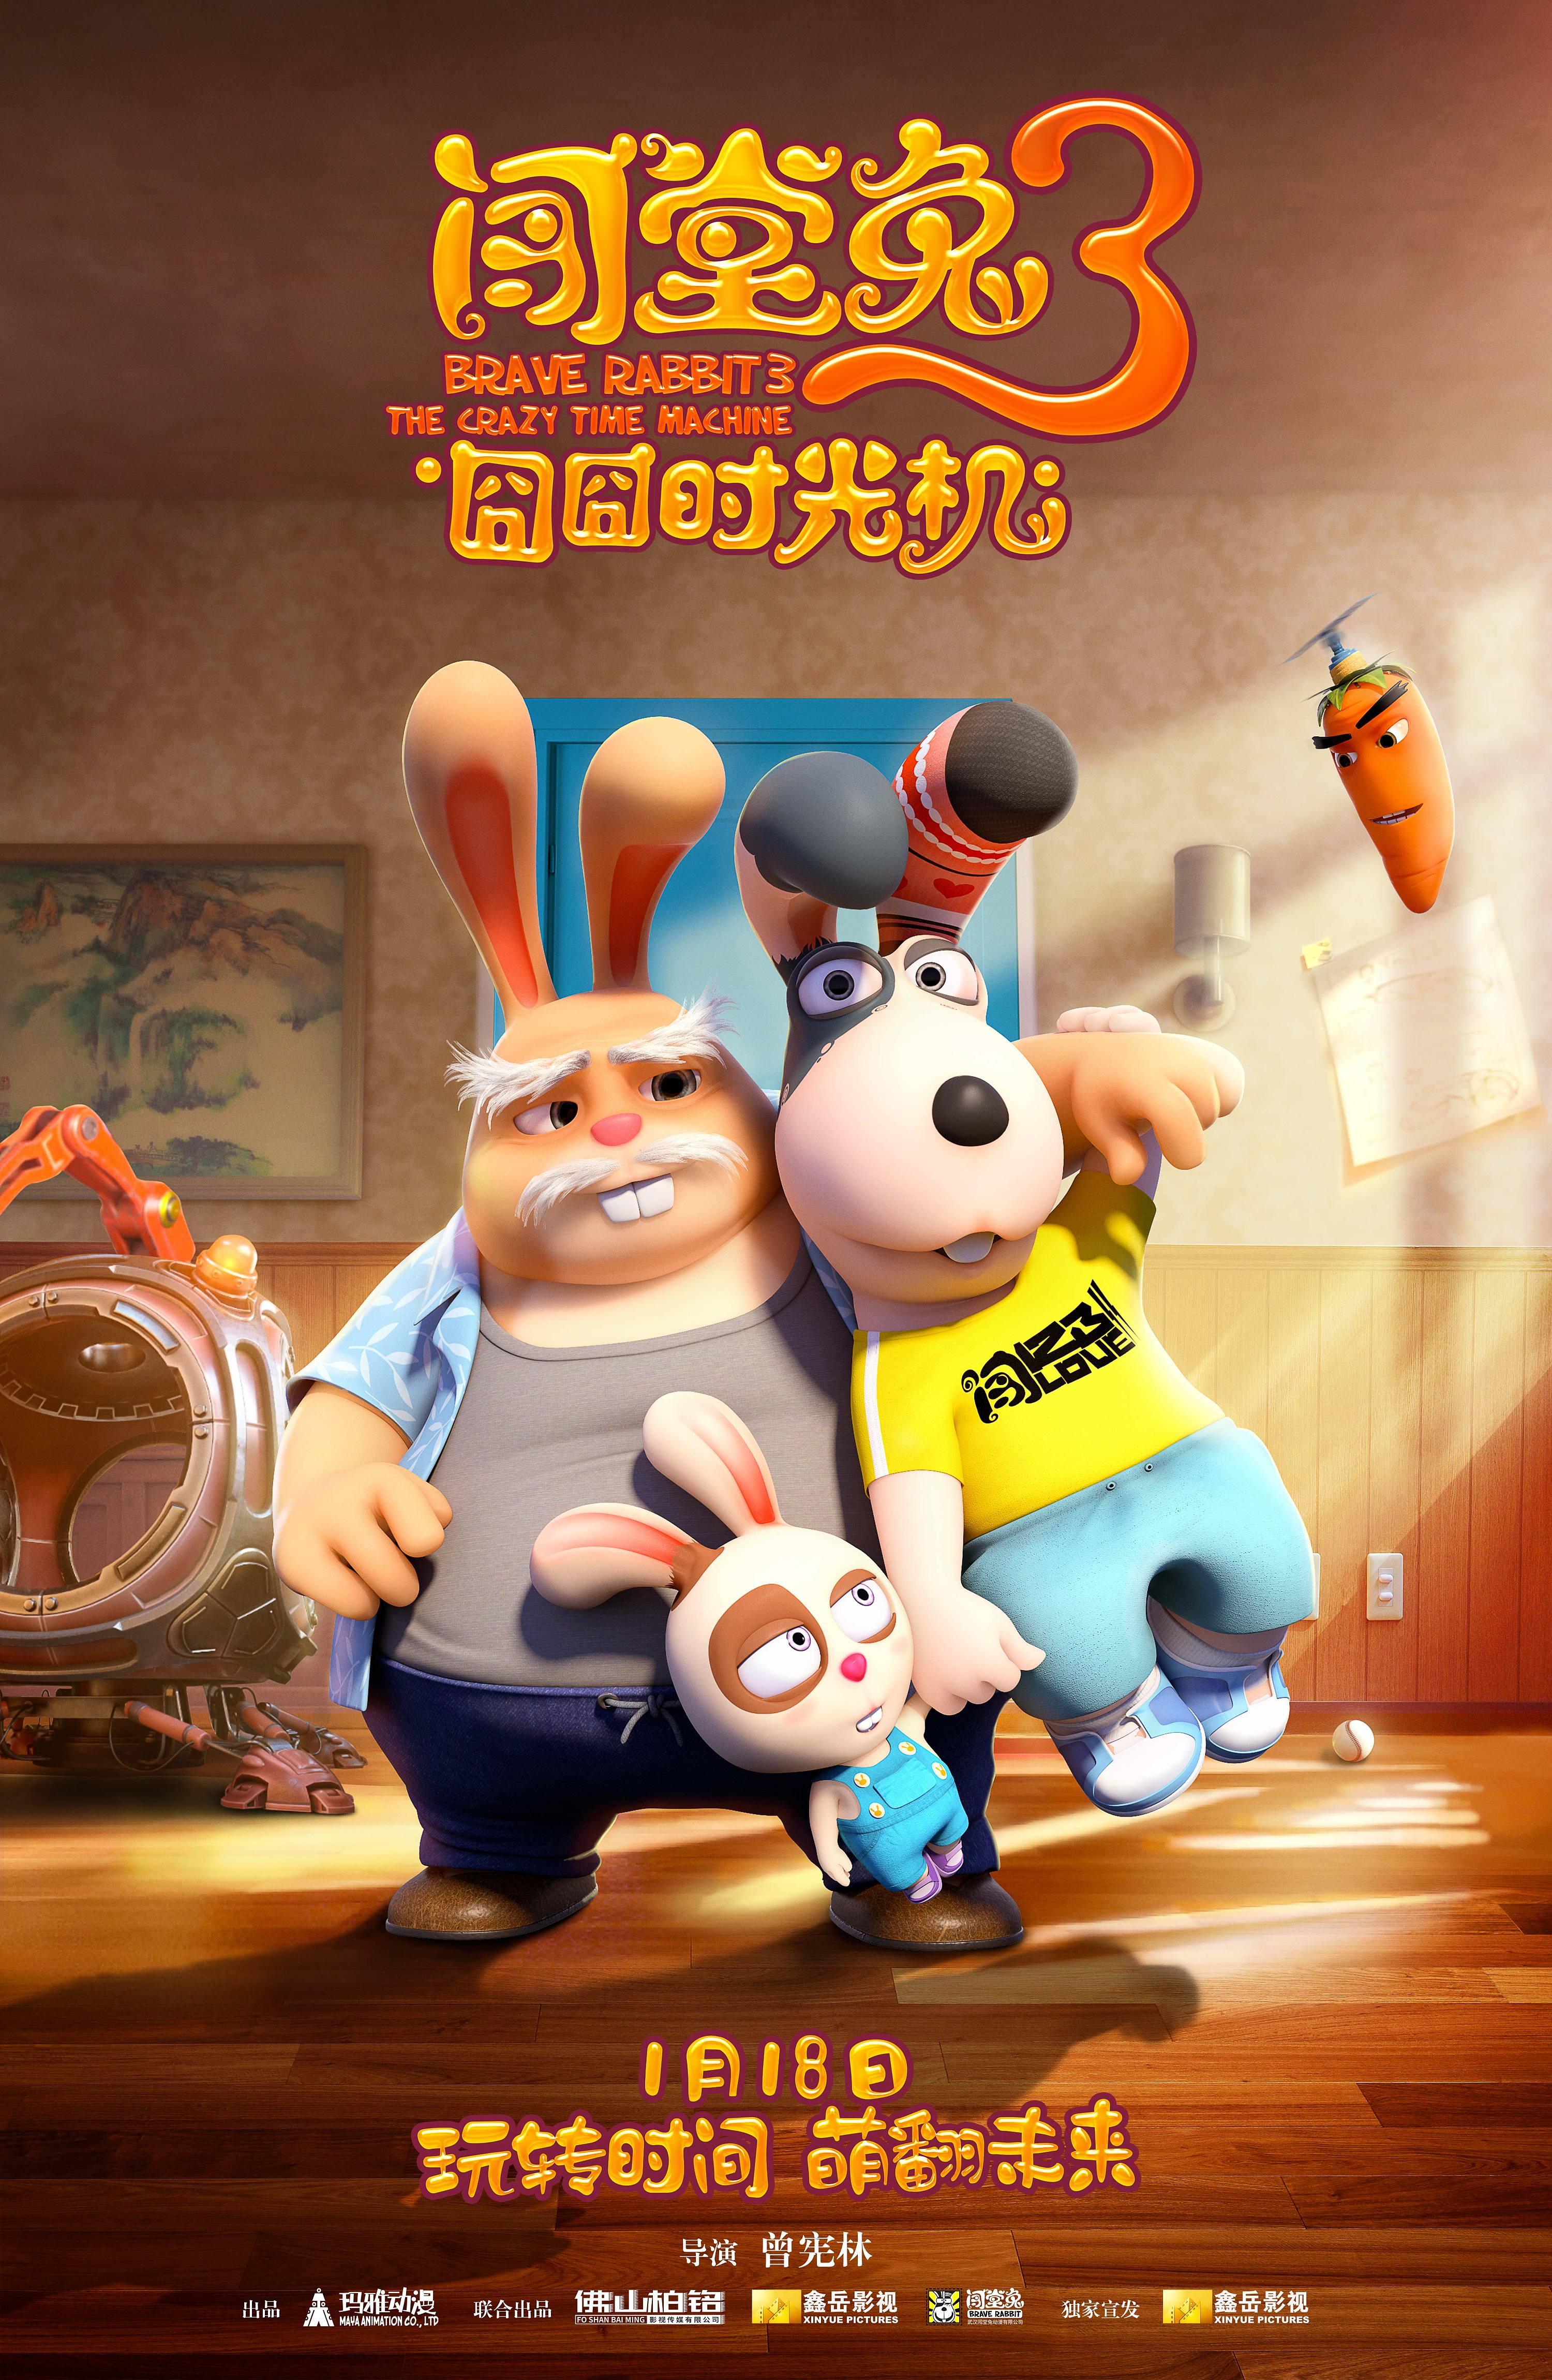 电影《闯堂兔3囧囧时光机》海报